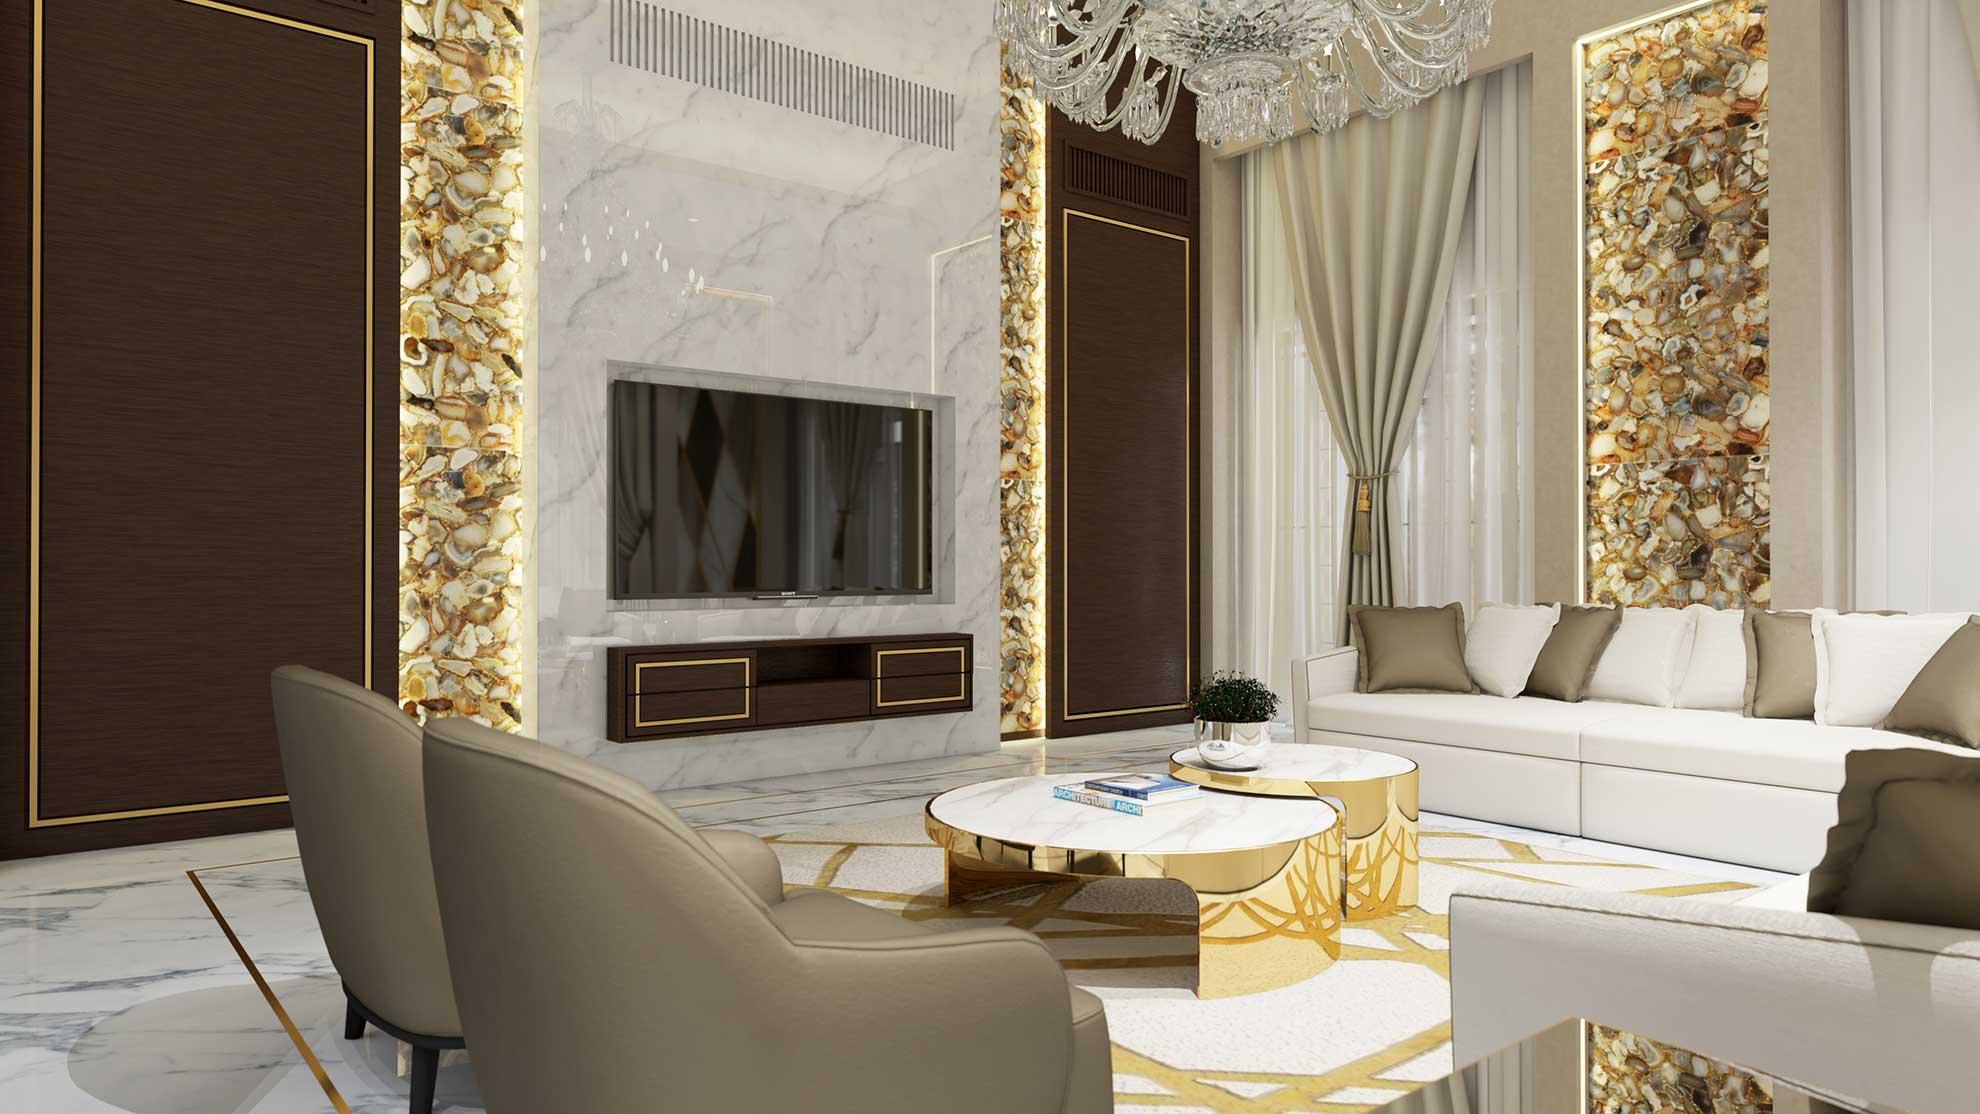 Yếu tố đơn giản trong thiết kế nội thất sang trọng